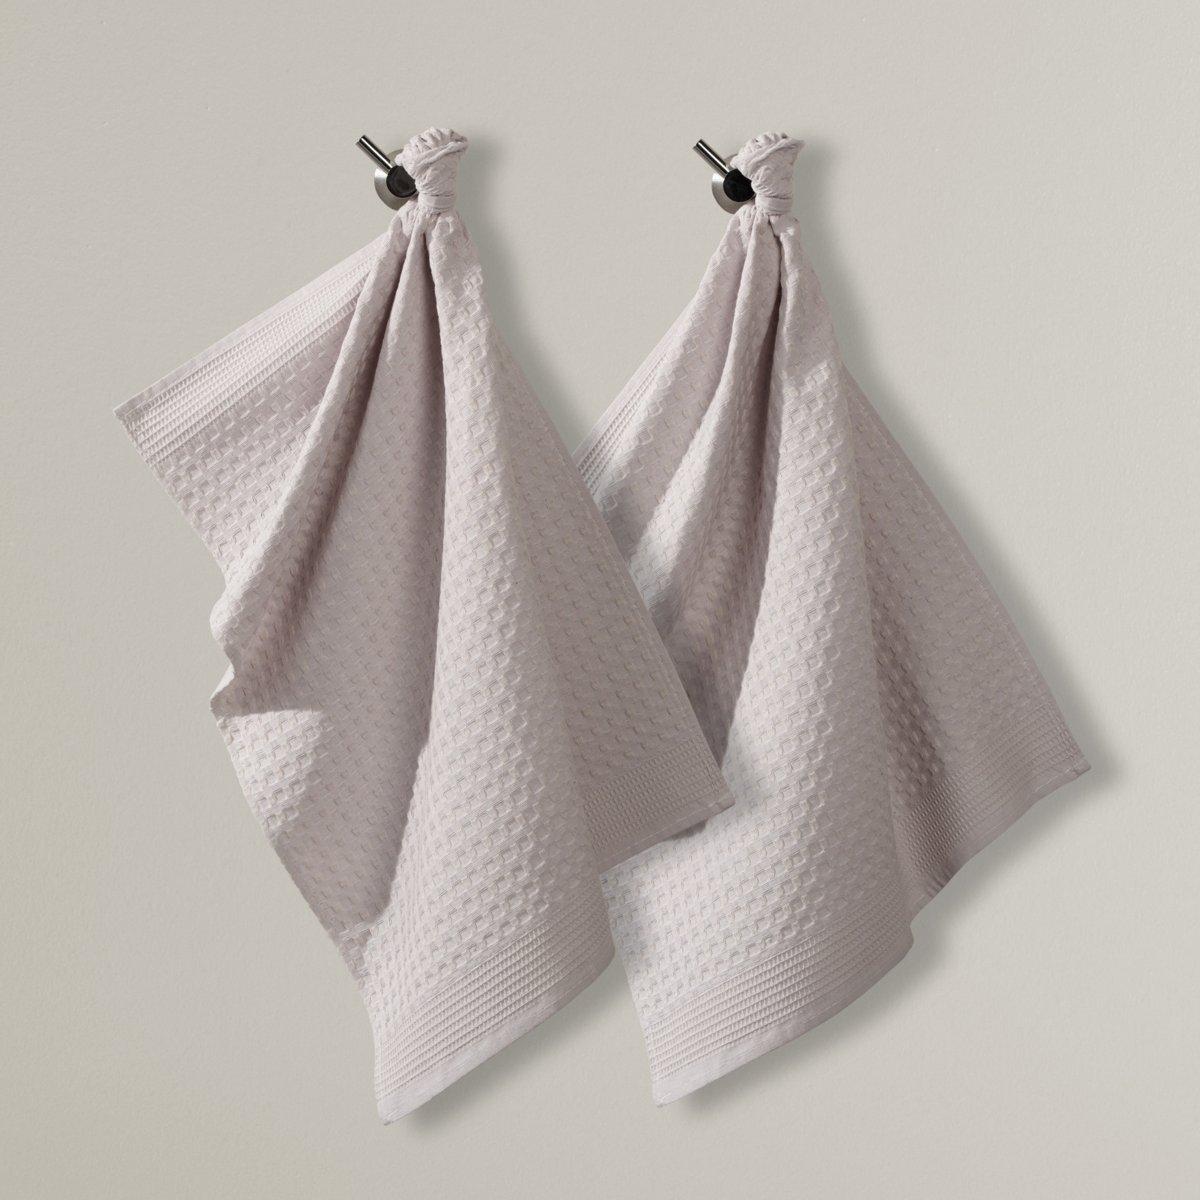 Комплект из 2 кухонных полотенец специально для стаканов, 100% хлопок полотенца кухонные la pastel комплект кухонных полотенец gabel 6пр 50x70 primizie